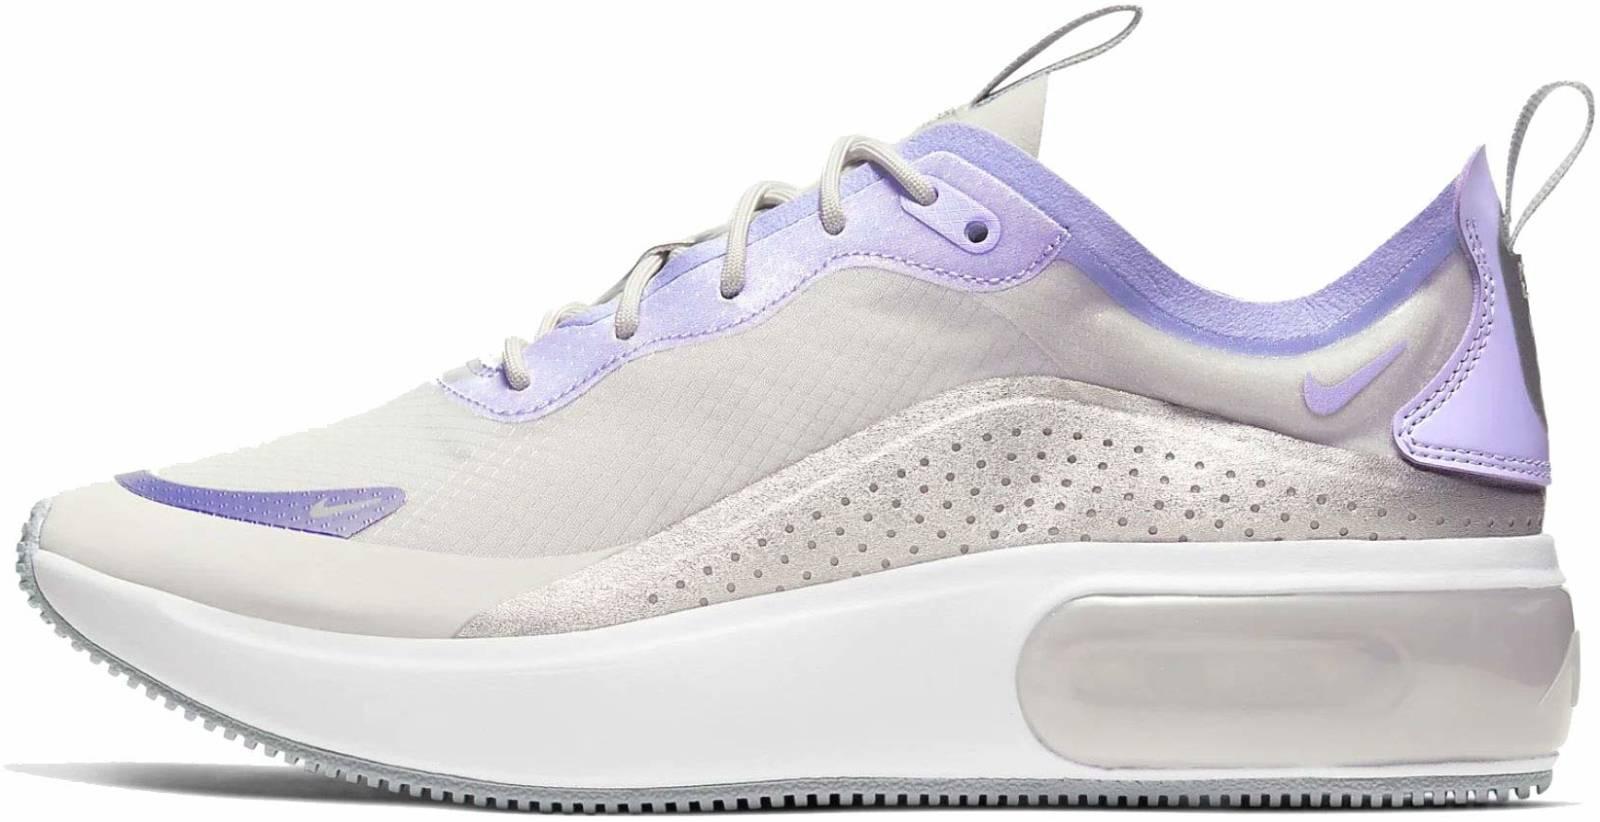 Nike Air Max Dia sneakers in 10 colors (only $75) | RunRepeat